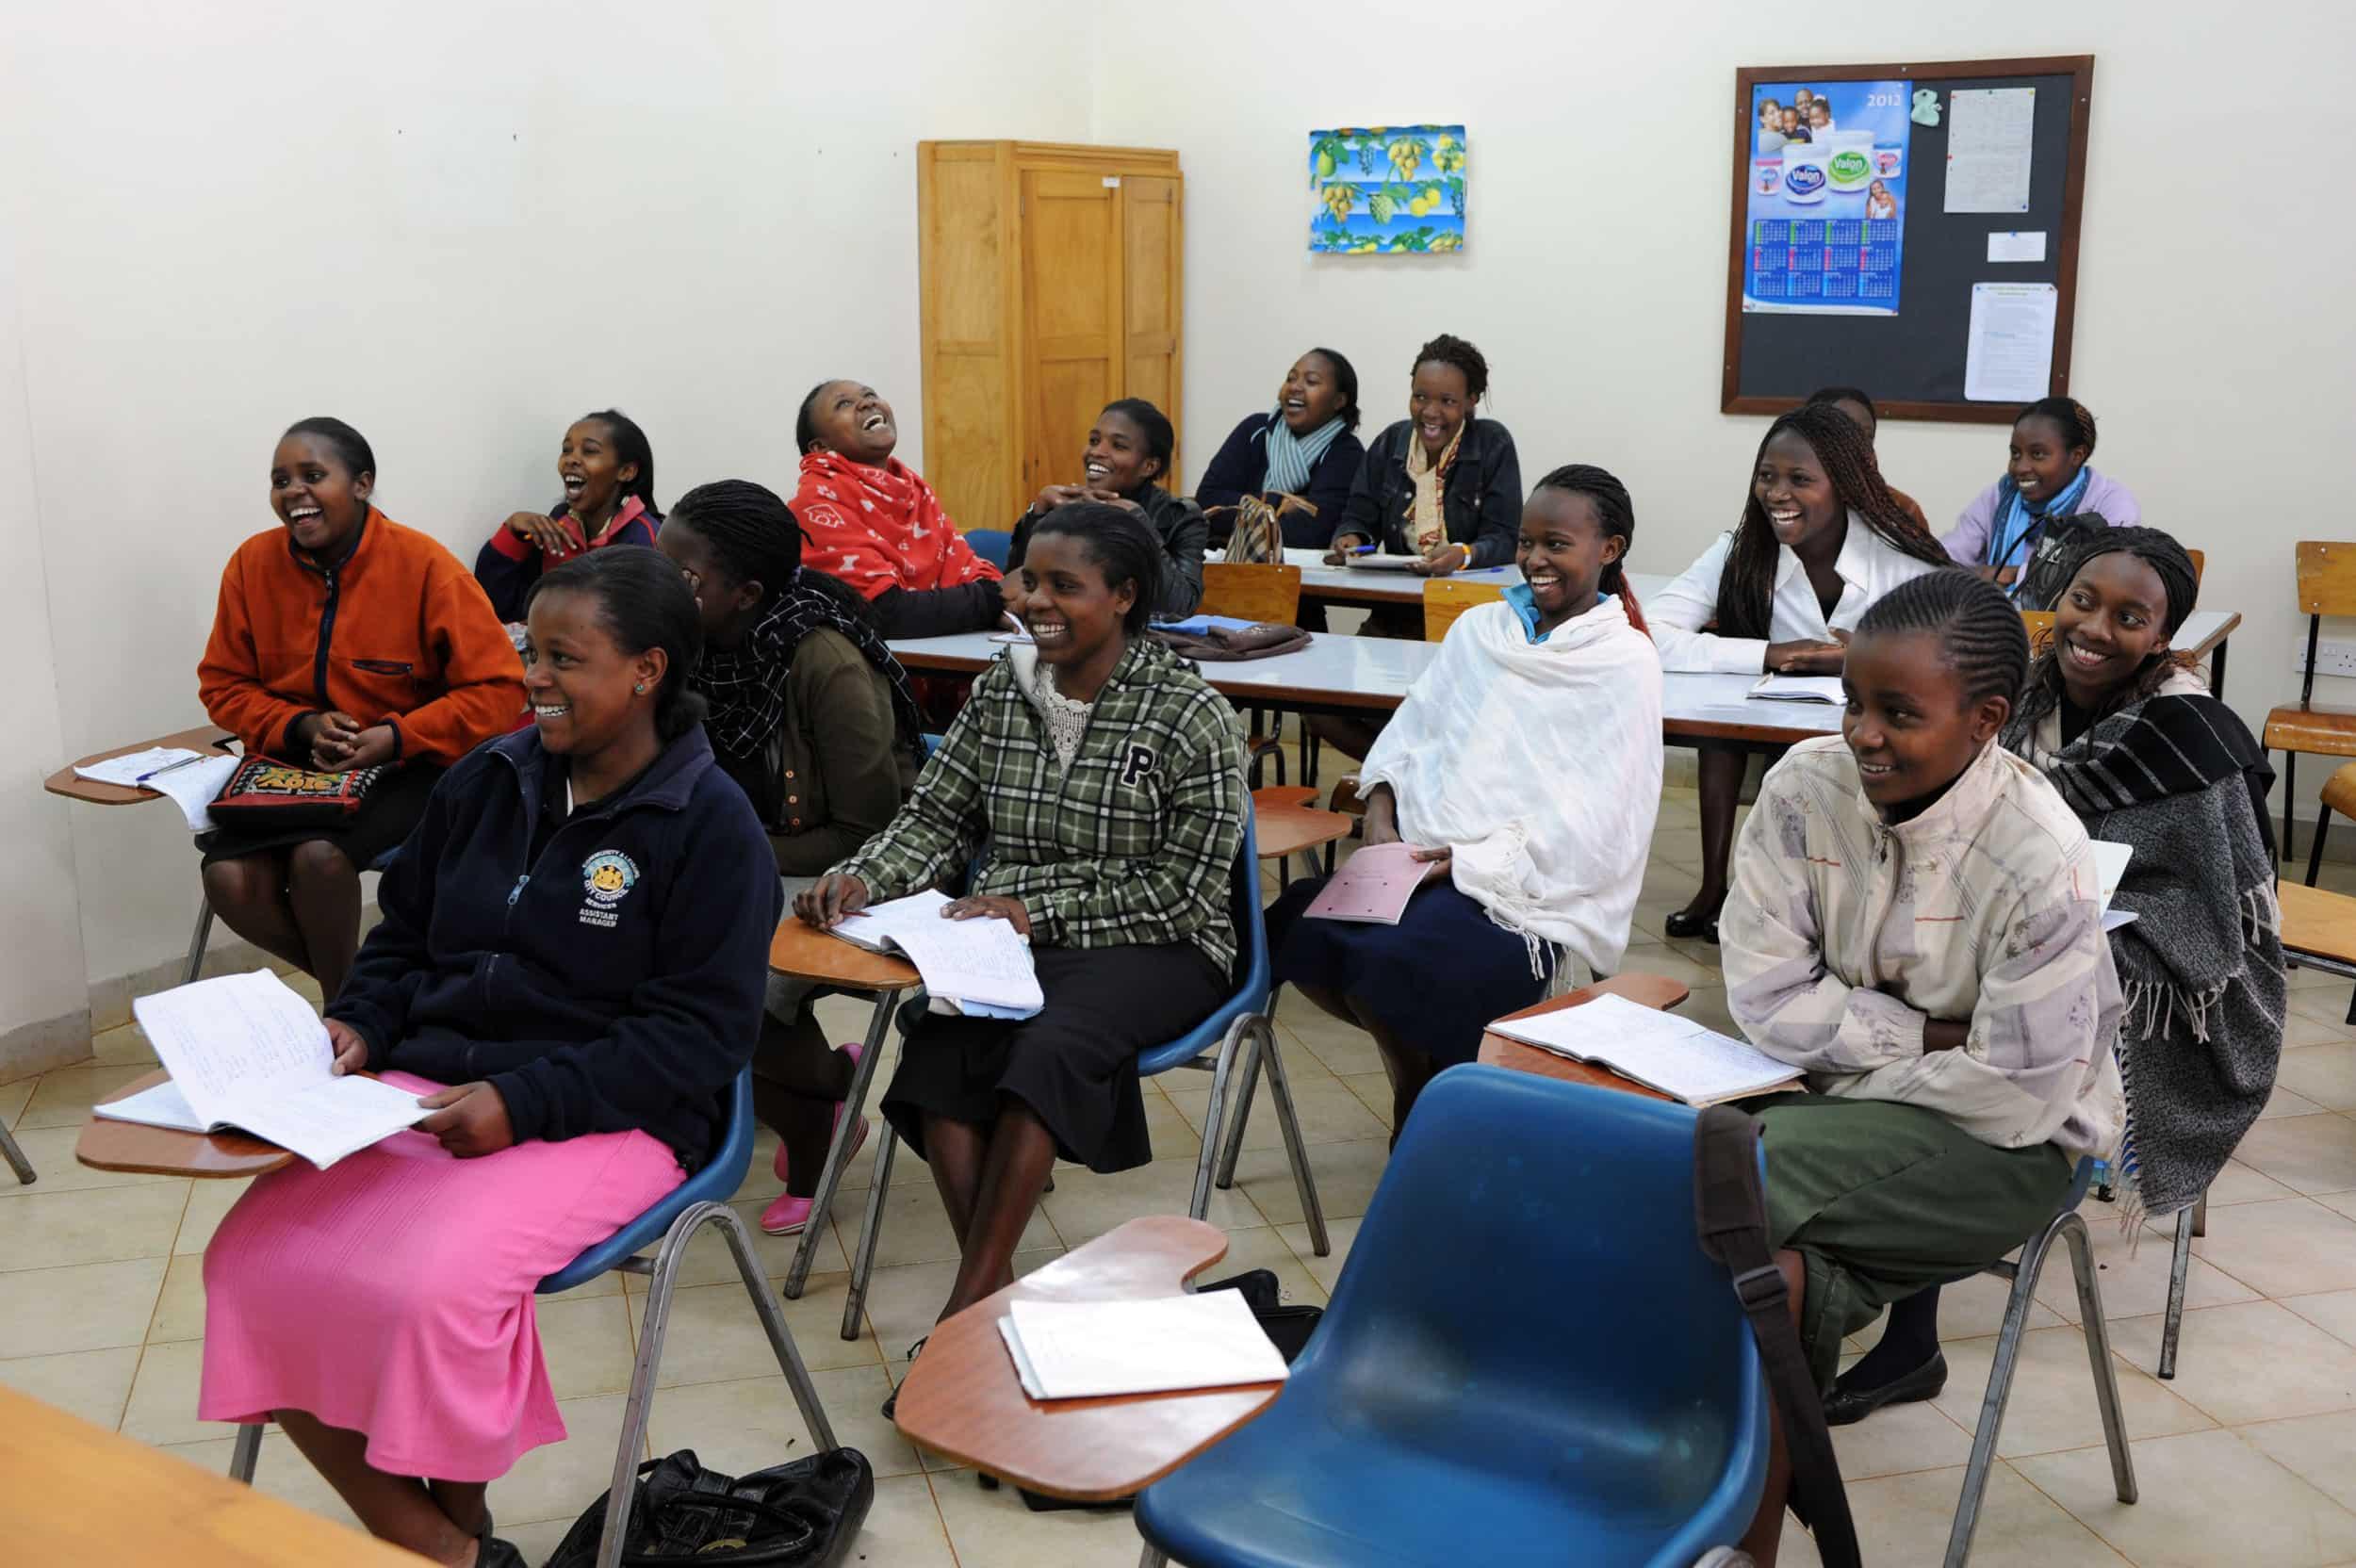 Proyecto de mejora en la formación de las mujeres marfileñas en el período postbélico